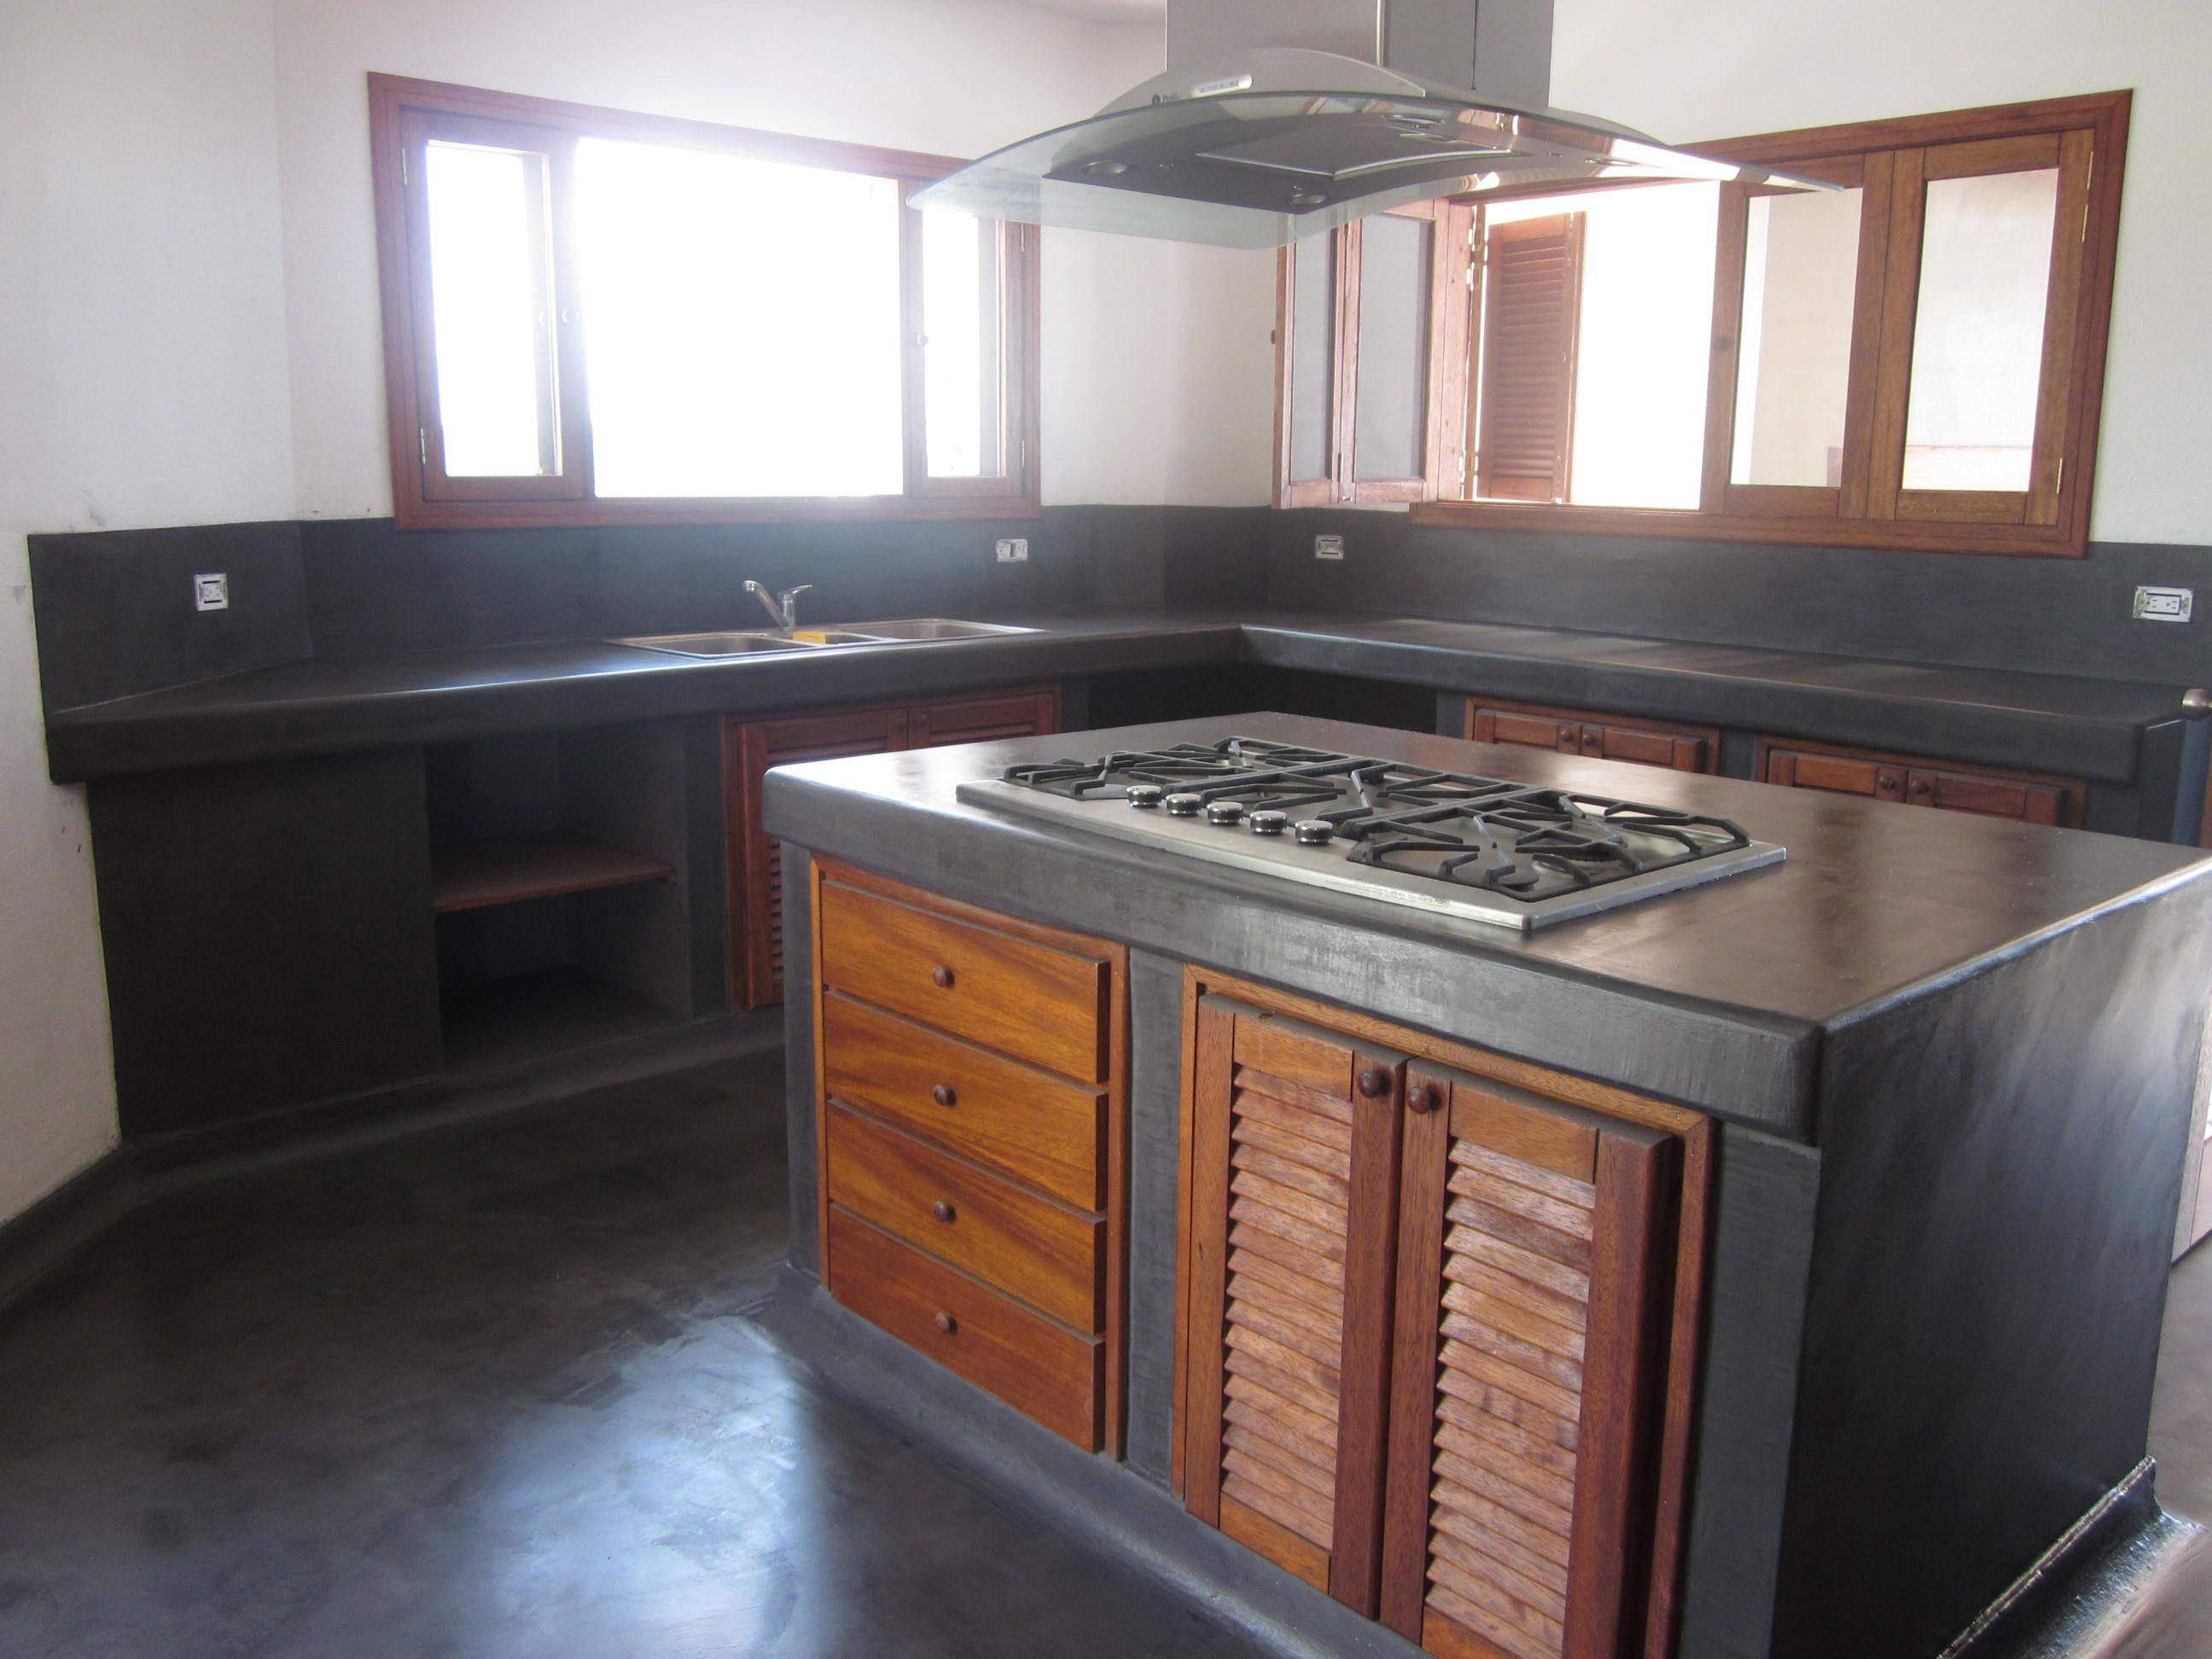 Decoracion Mueble Sofa Microcemento En Paredes De Cocina Cocina  # Muebles Bailon Peligros